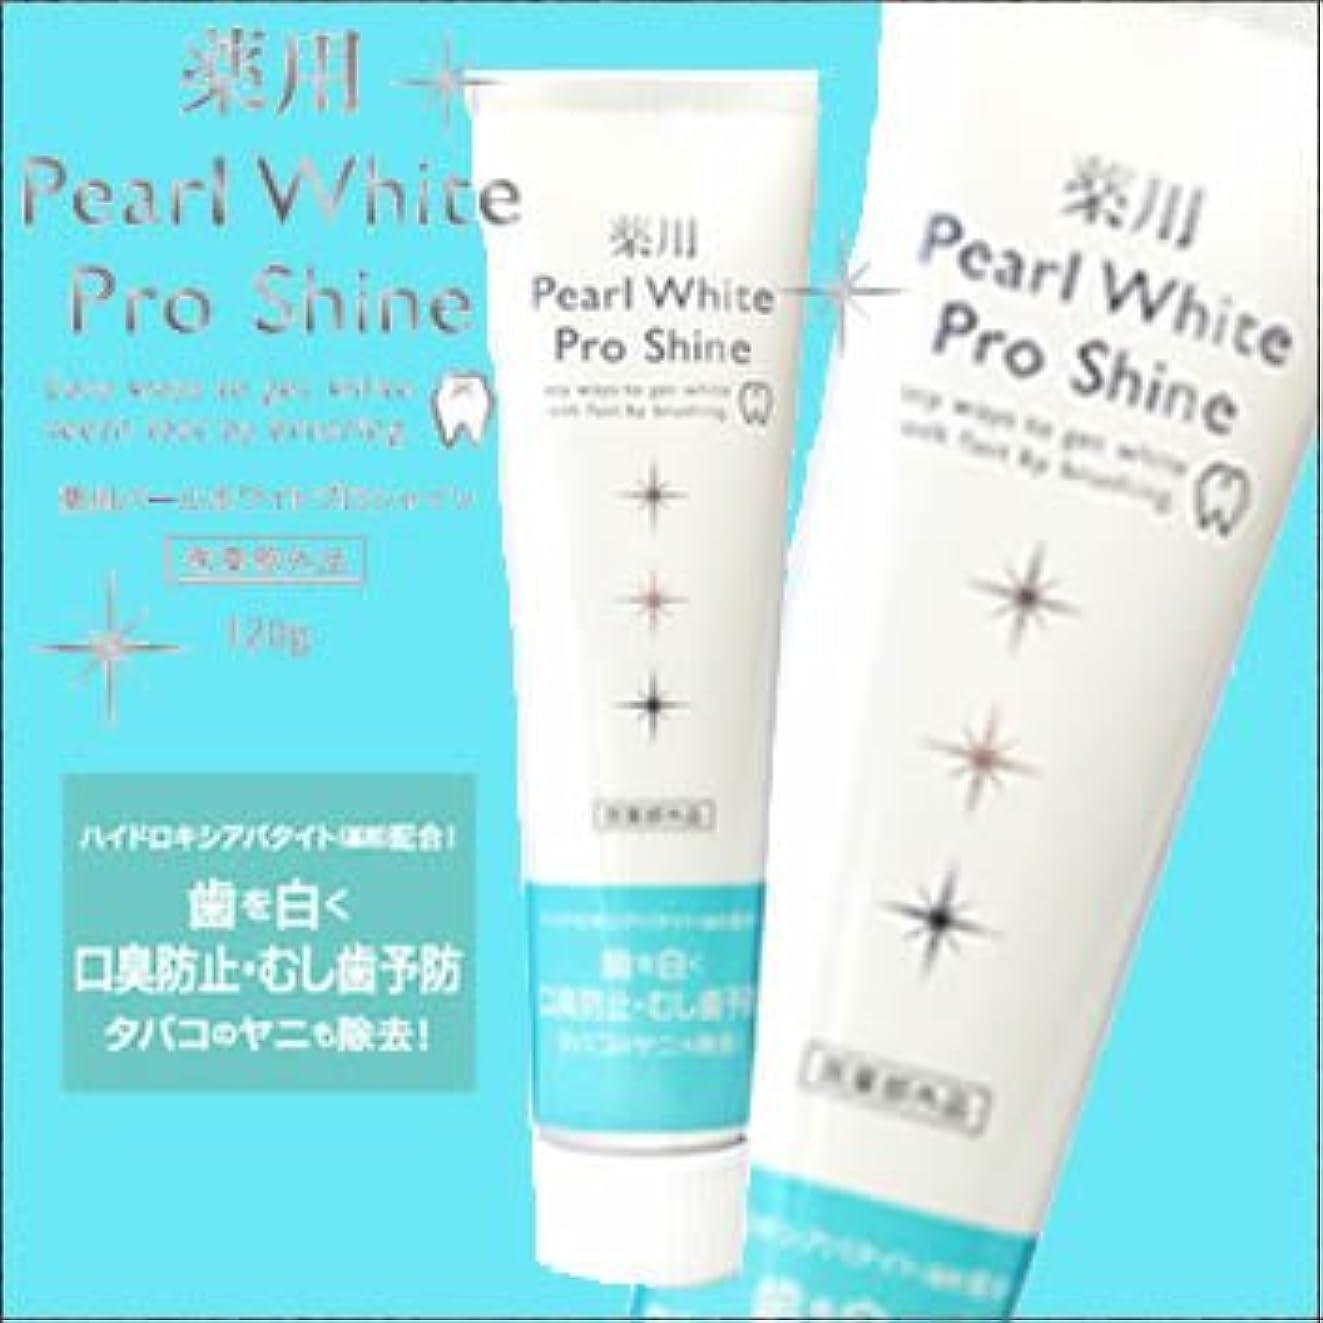 しょっぱいラジウム耐える薬用パールホワイトプロシャイン120g (口臭予防ホワイトニング専用歯磨き粉)医薬部外品